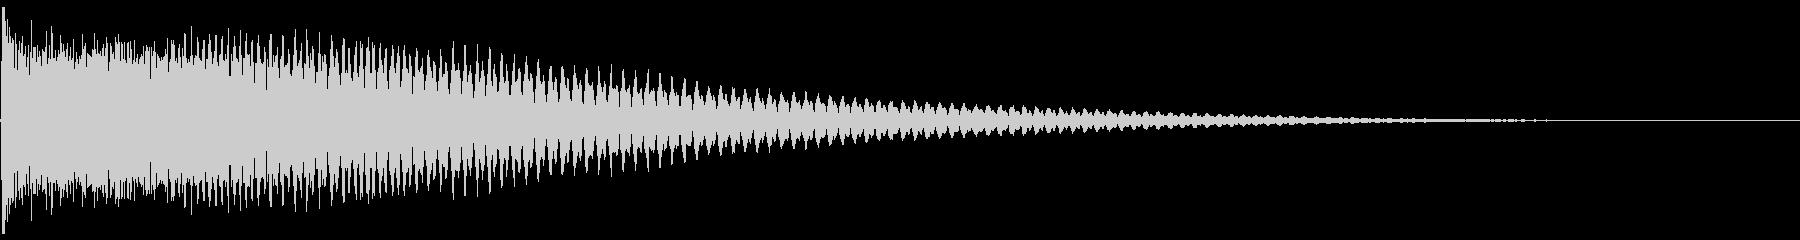 ピアノ不協和音 MEの未再生の波形